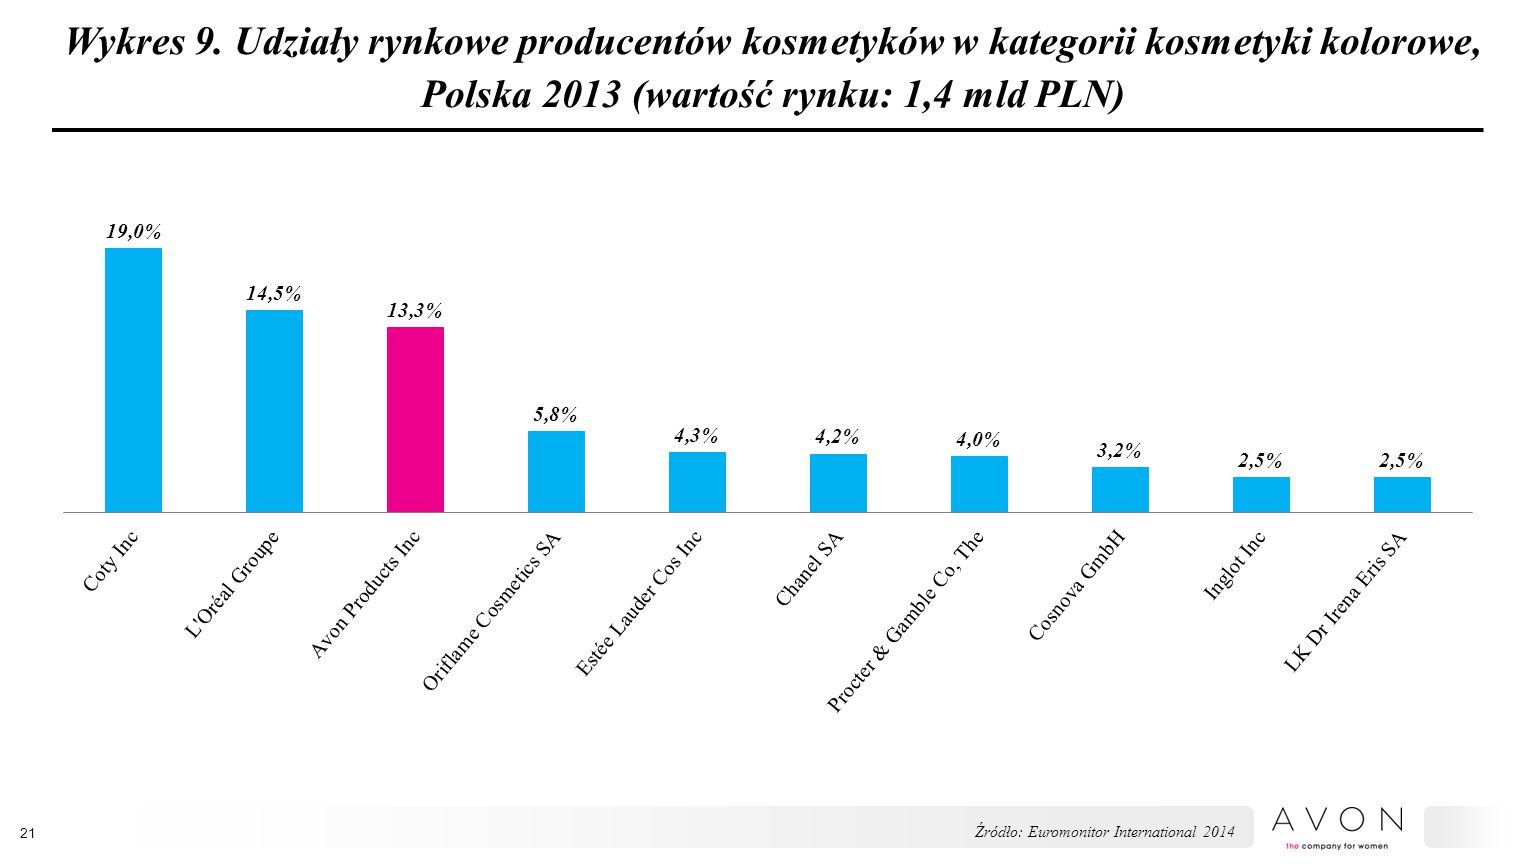 Wykres 9. Udziały rynkowe producentów kosmetyków w kategorii kosmetyki kolorowe, Polska 2013 (wartość rynku: 1,4 mld PLN) 21 Źródło: Euromonitor Inter